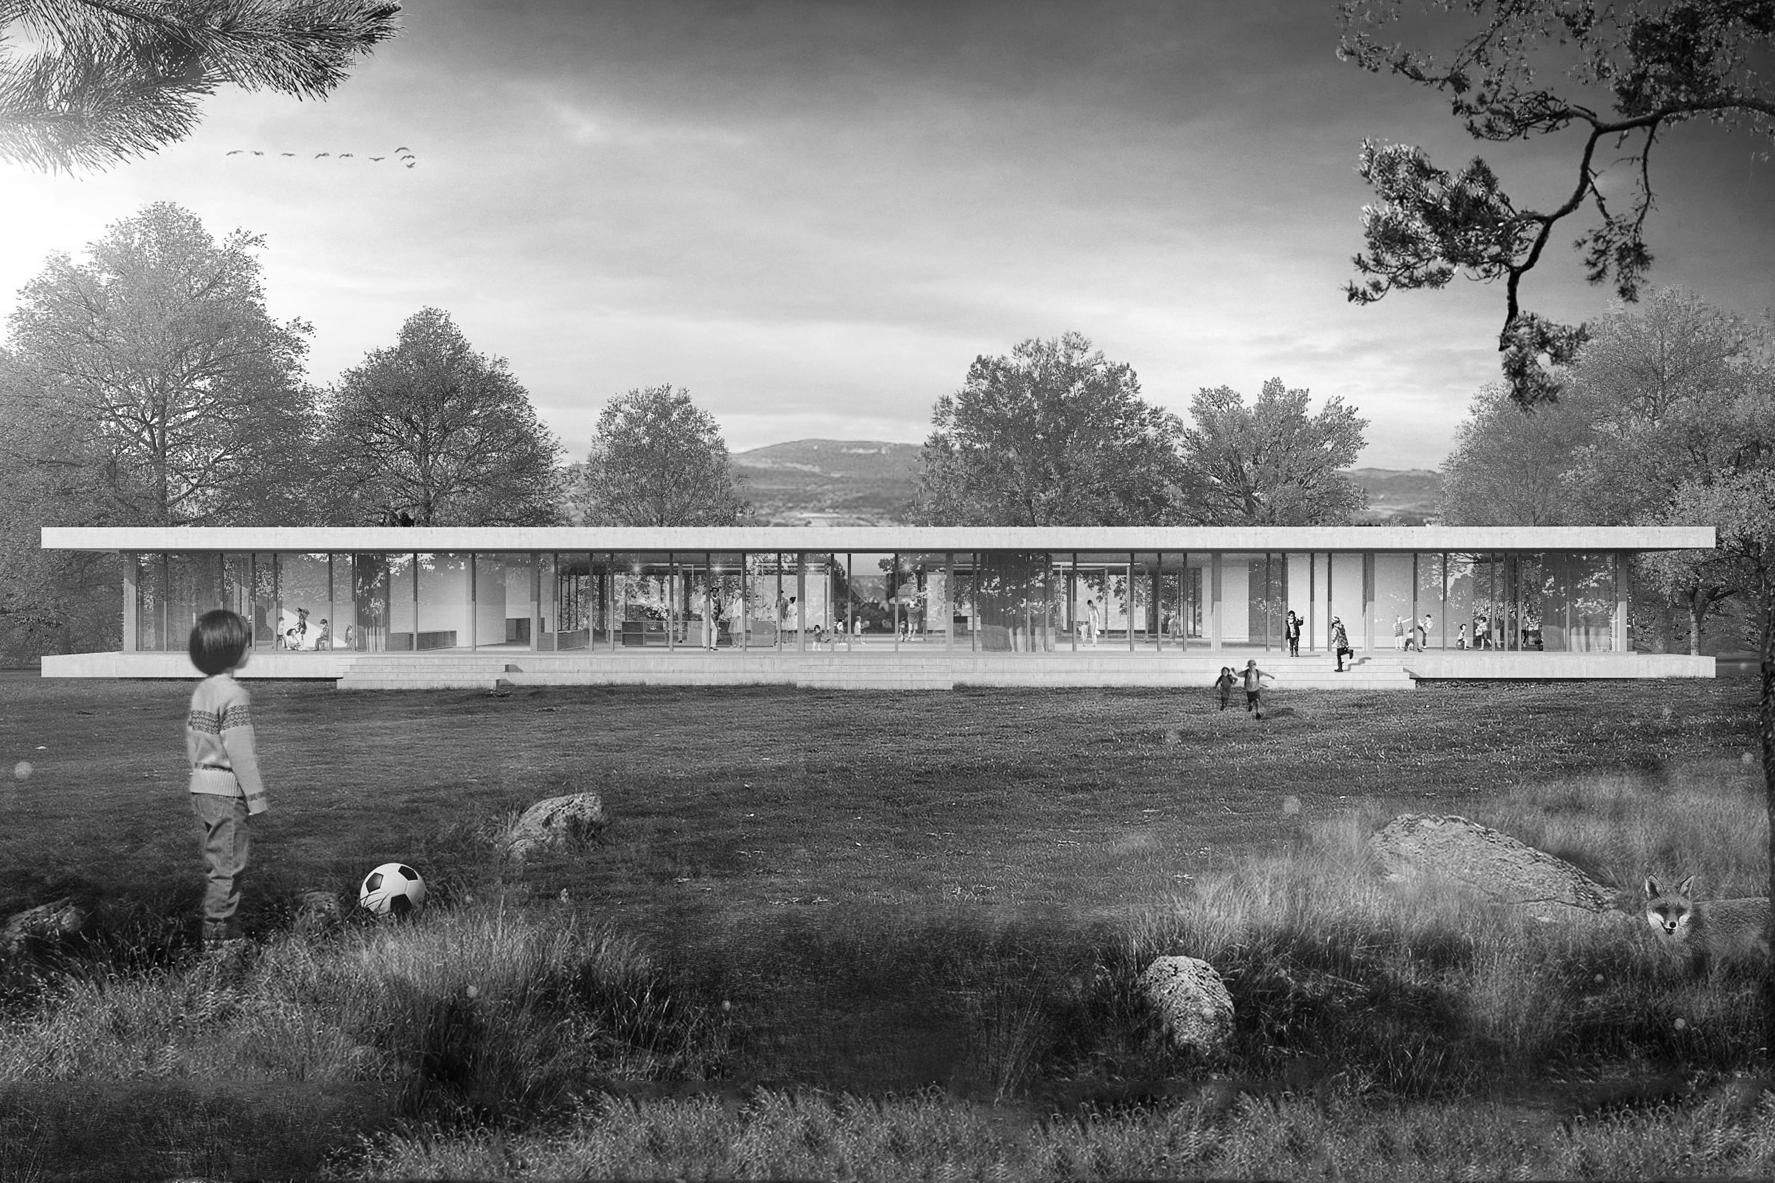 Schule Ried Köniz, Schweiz, Schenker Salvi Weber, Wettbewerb, Visualisierung Fassade